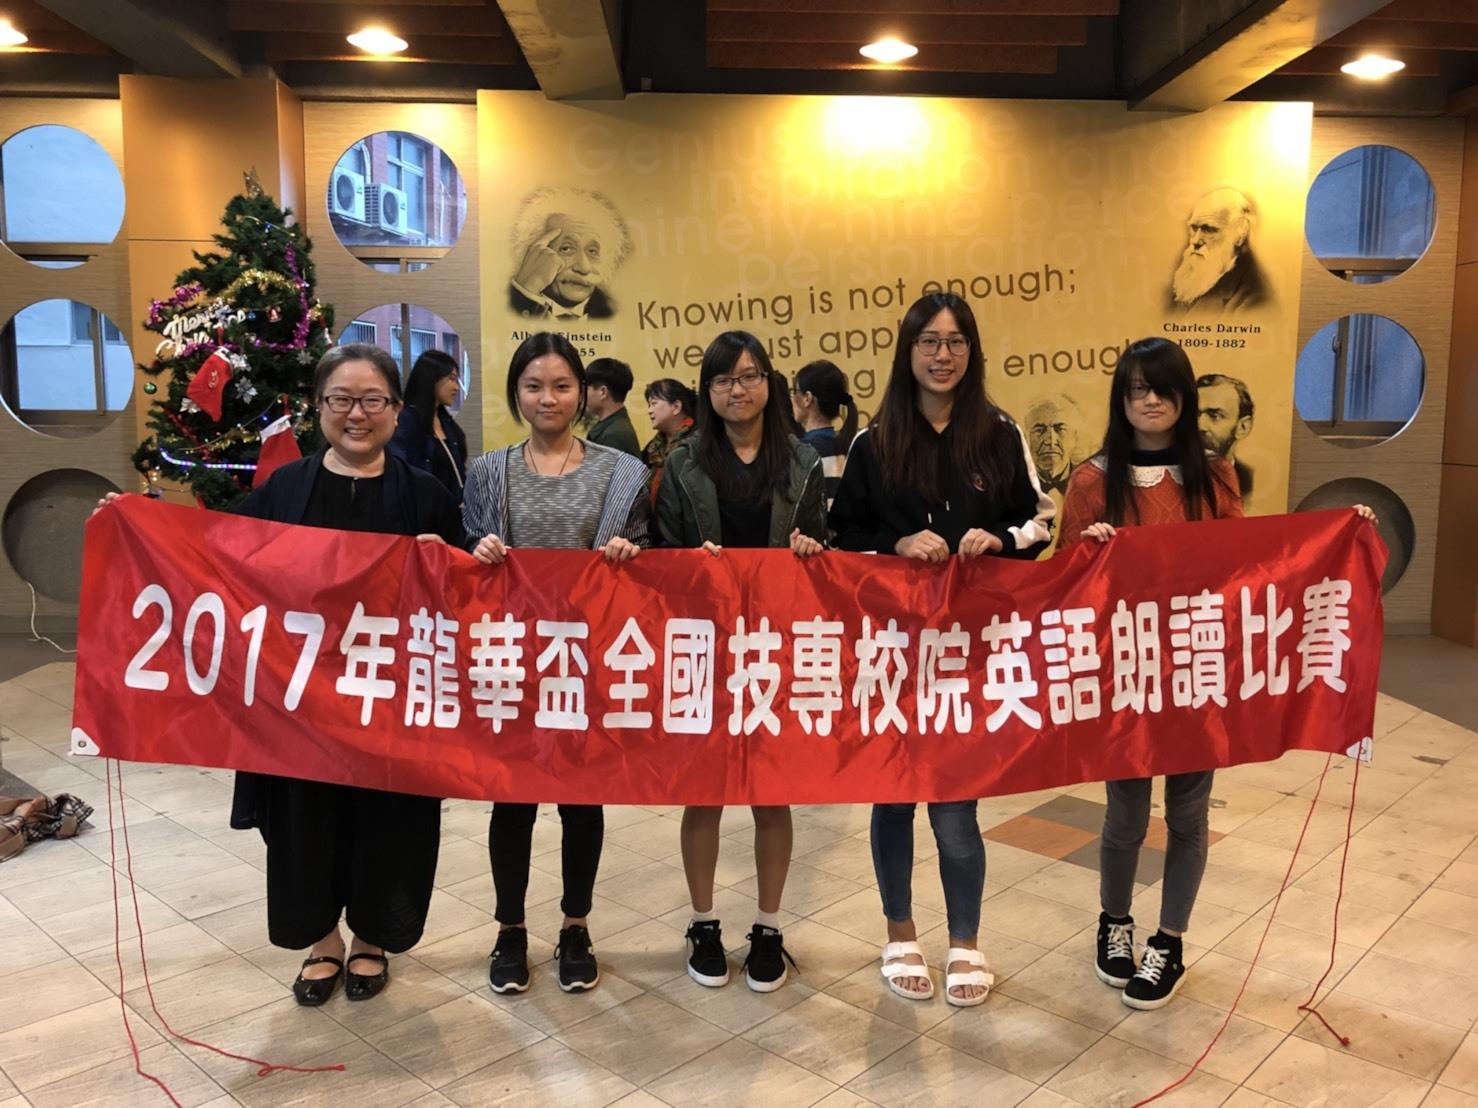 應用外語科參加2017年龍華盃全國技專校院英語朗讀比賽,2年1班游柏霓同學榮獲個人獎第三名,應外2年1班游柏霓和洪子淯同學榮獲團體獎佳作(第六名)